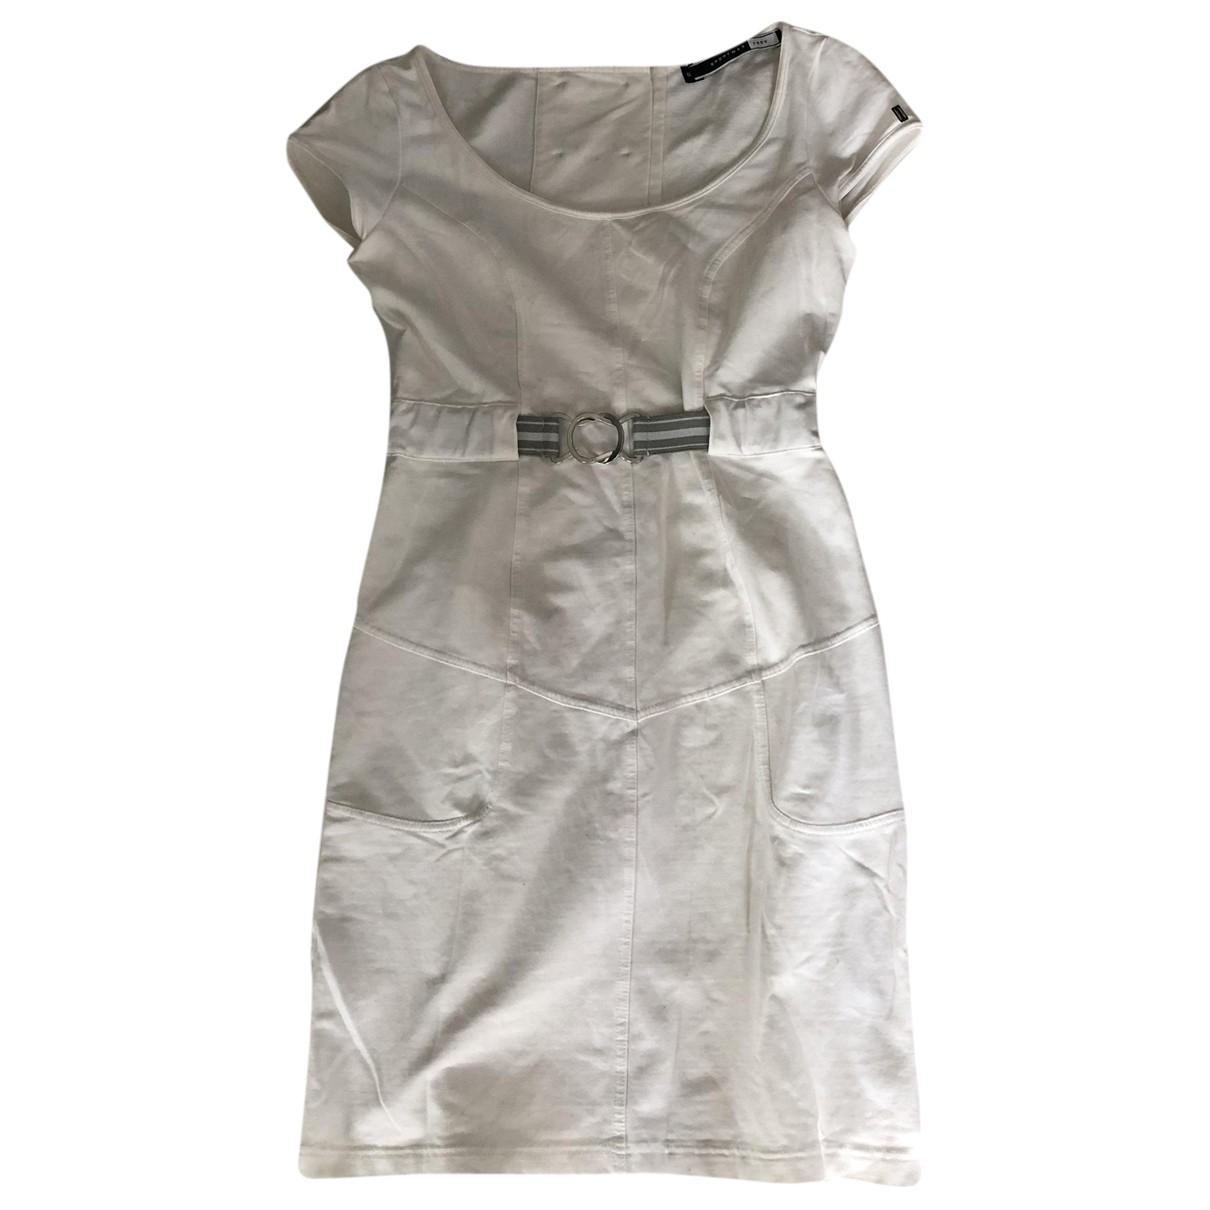 Sport Max \N White Cotton - elasthane dress for Women S International